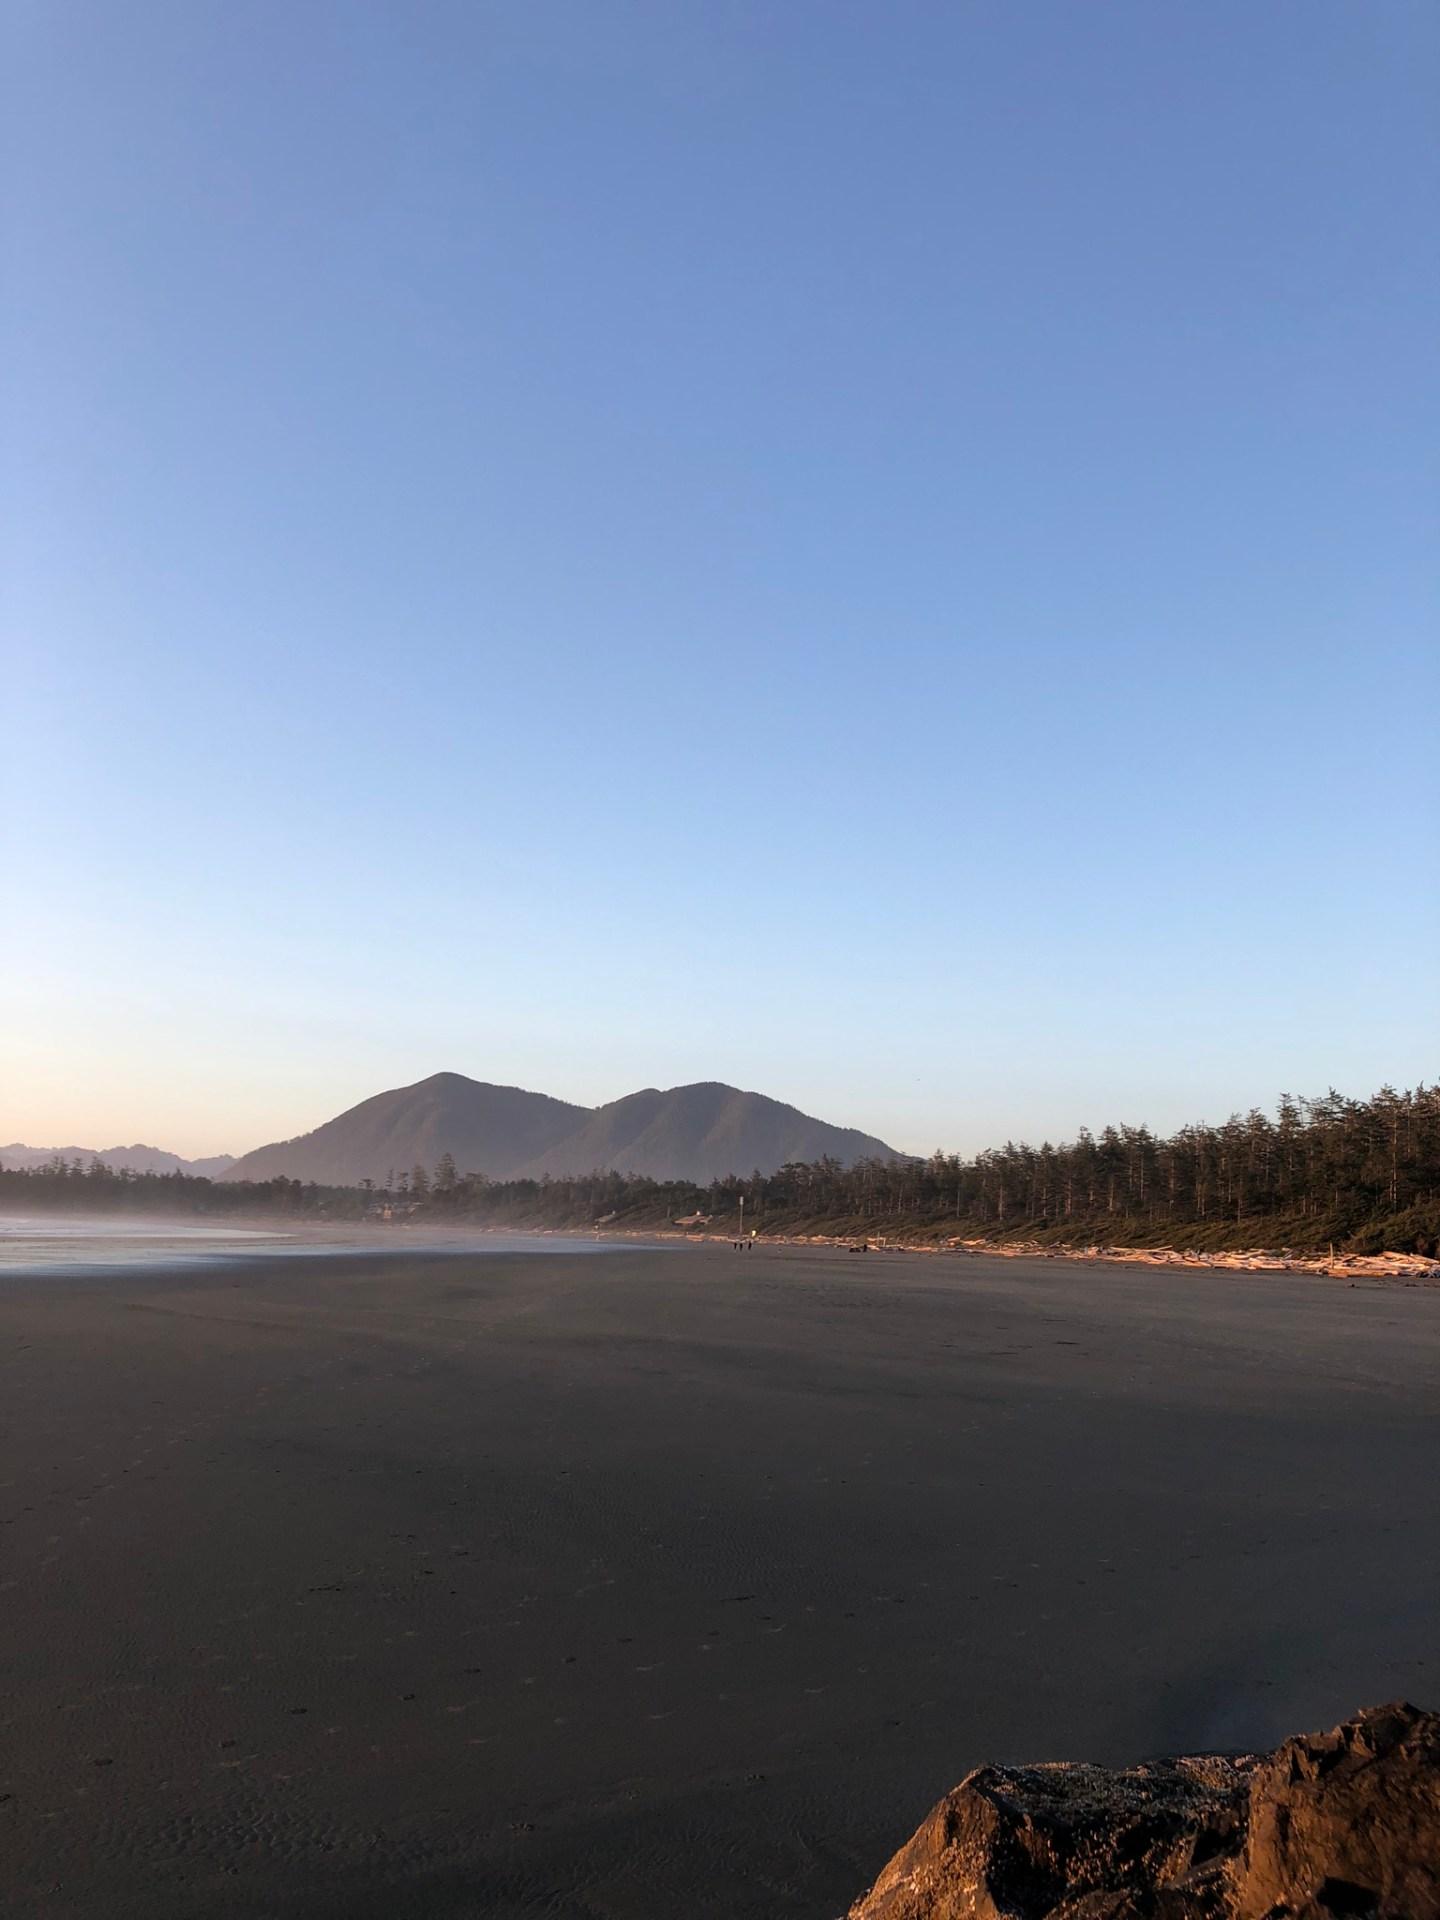 Sunset in Tofino, British Columbia